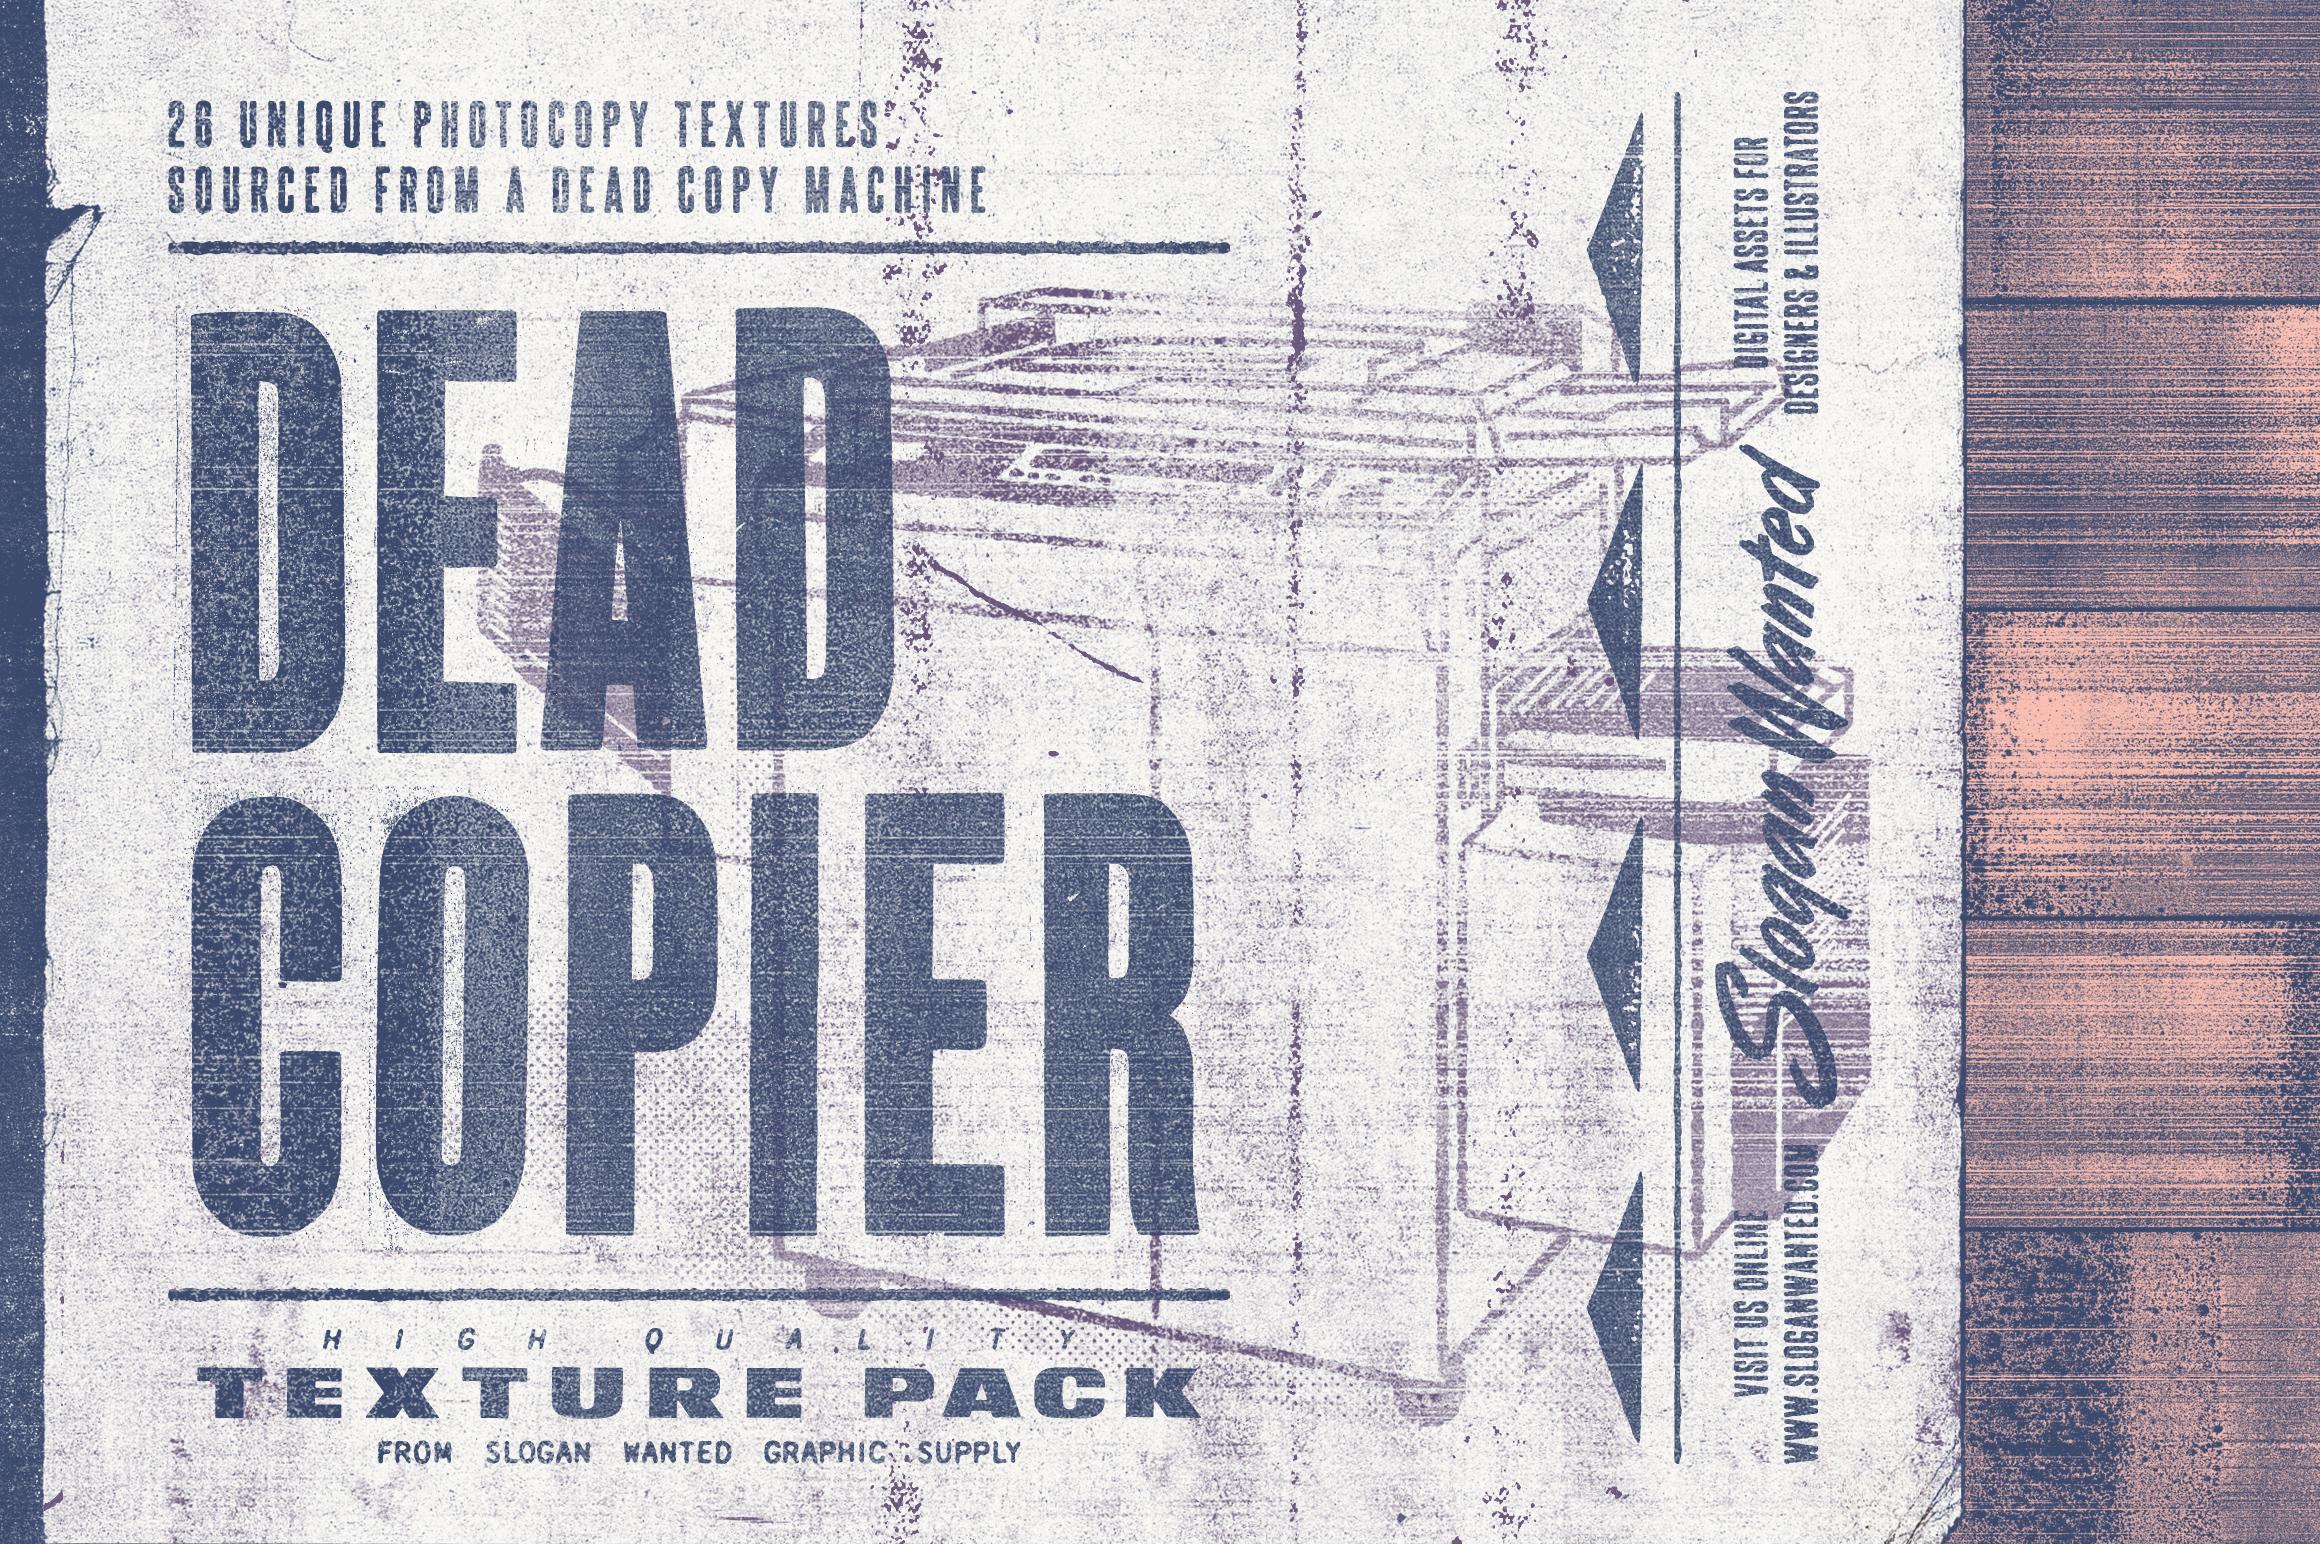 Dead Copier | Photocopy Texture Pack